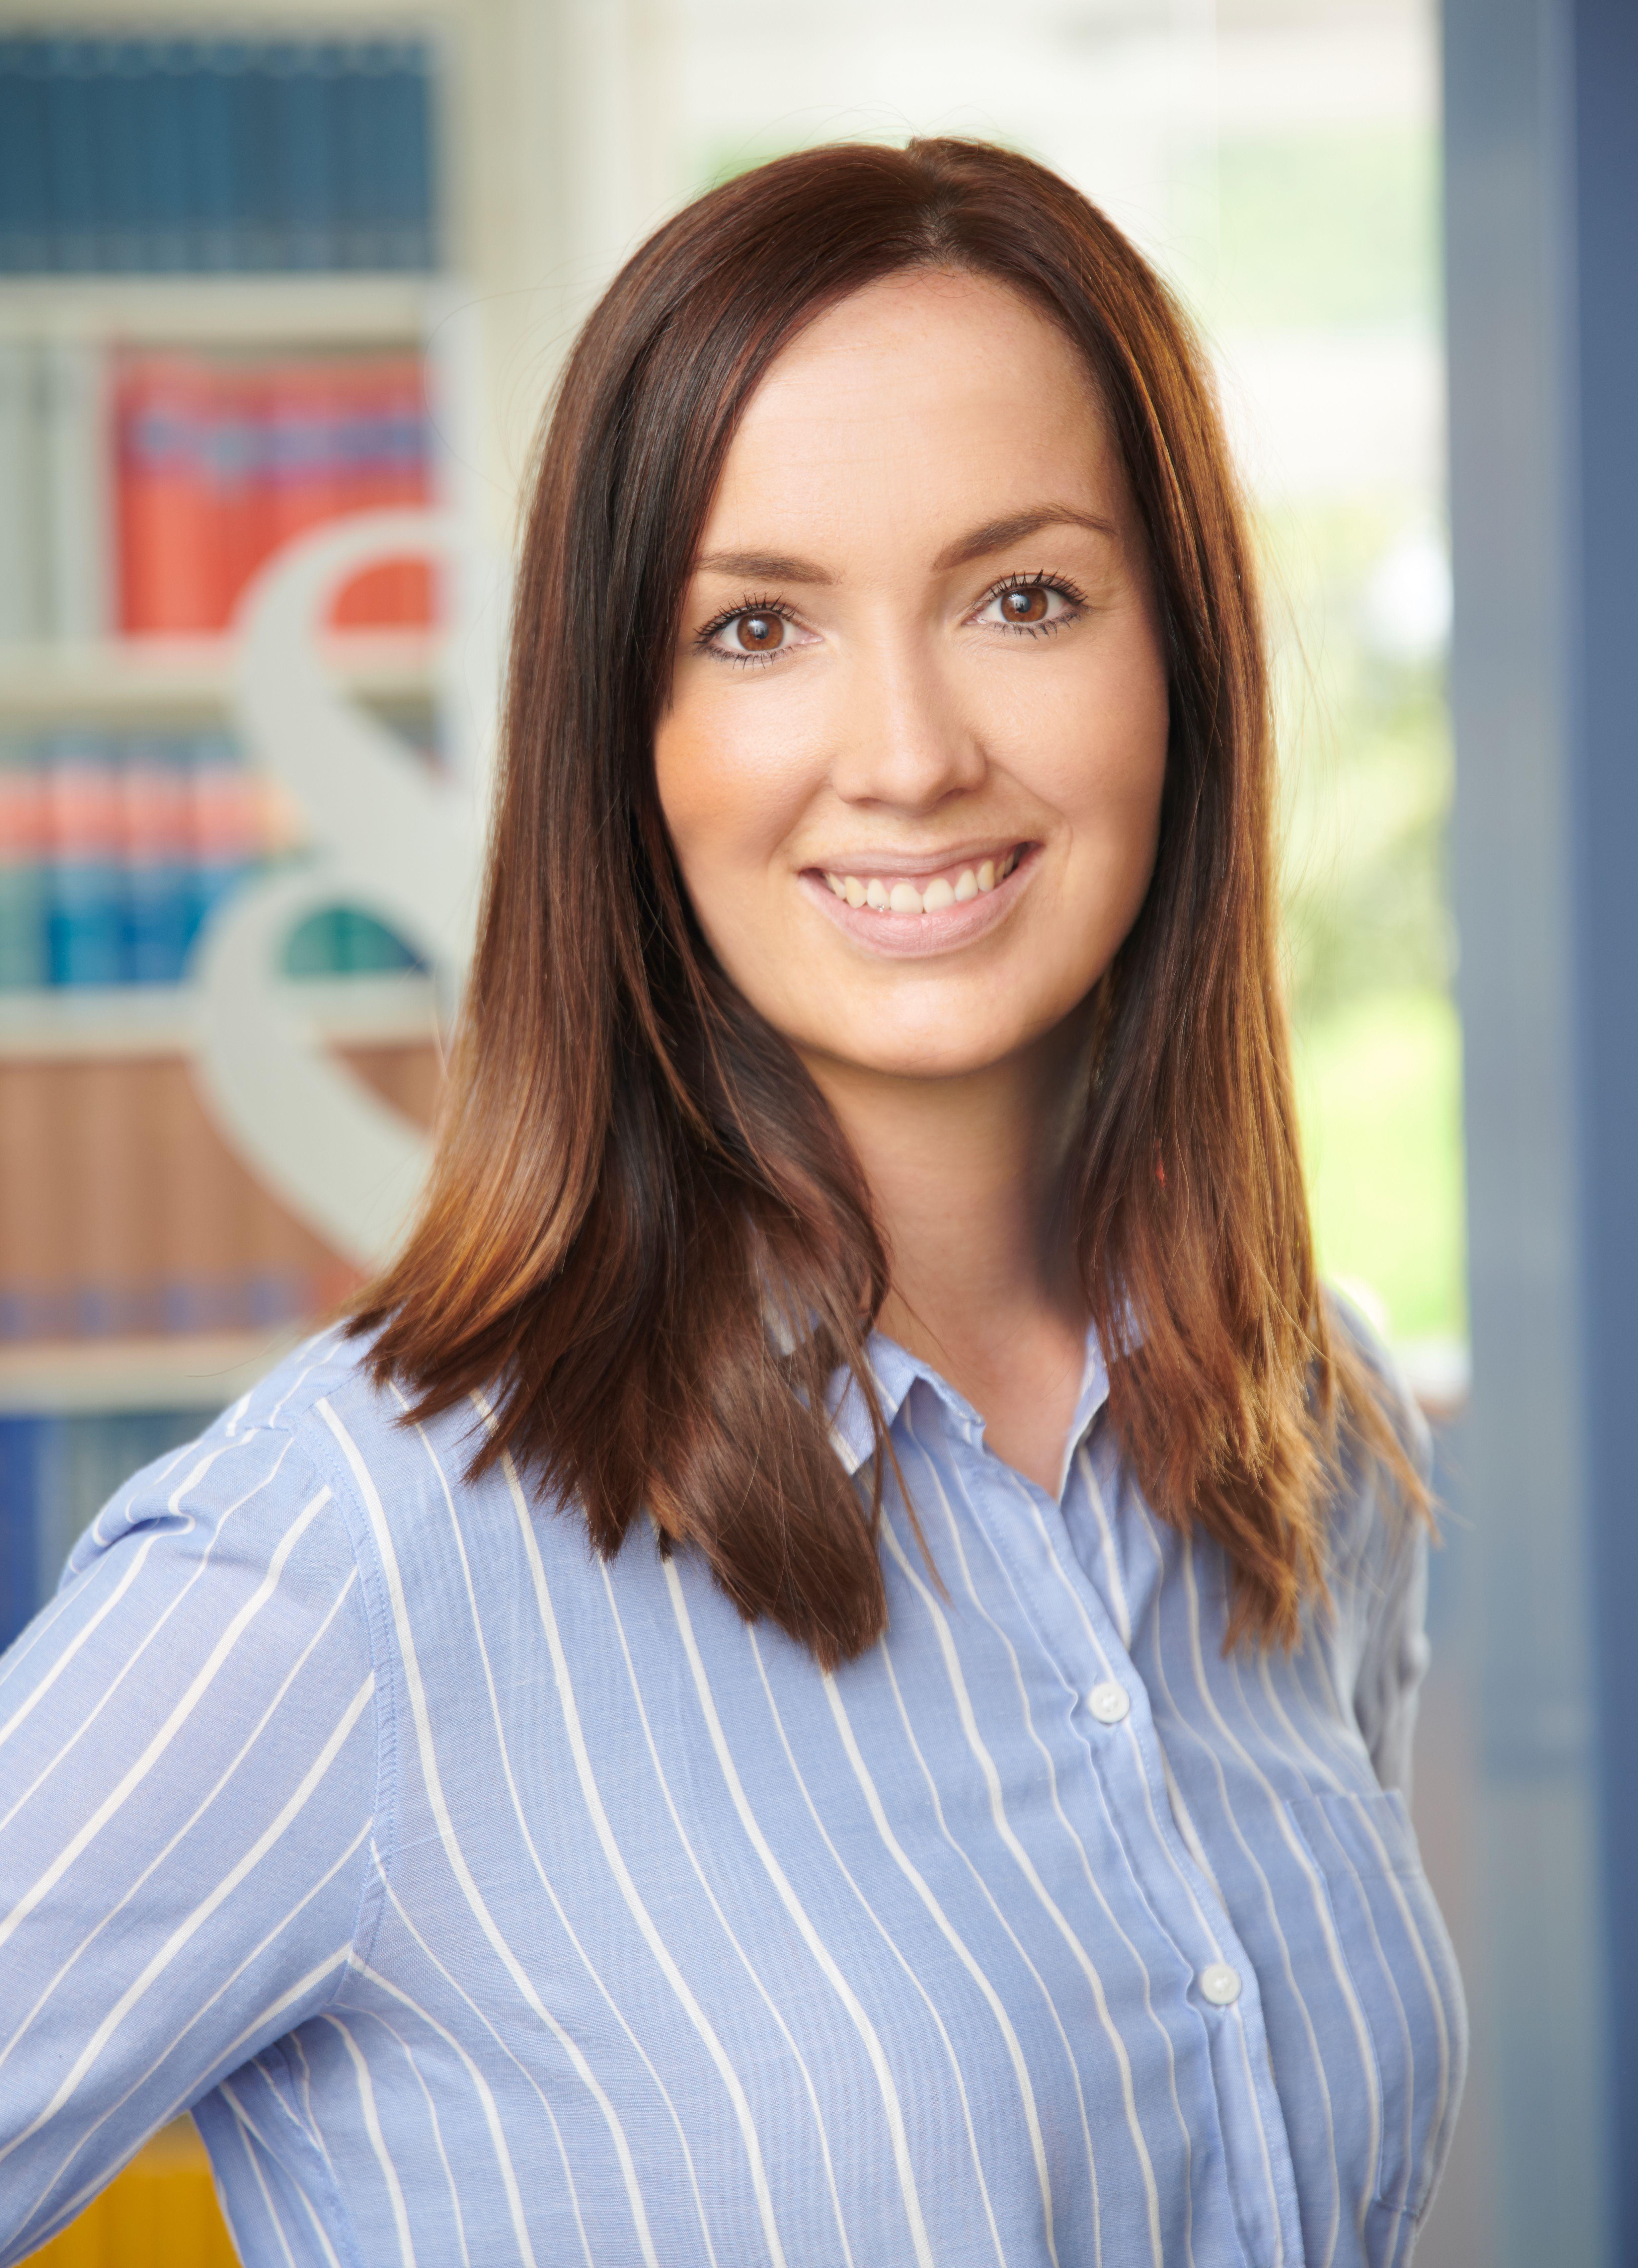 Katleen Zimmermann